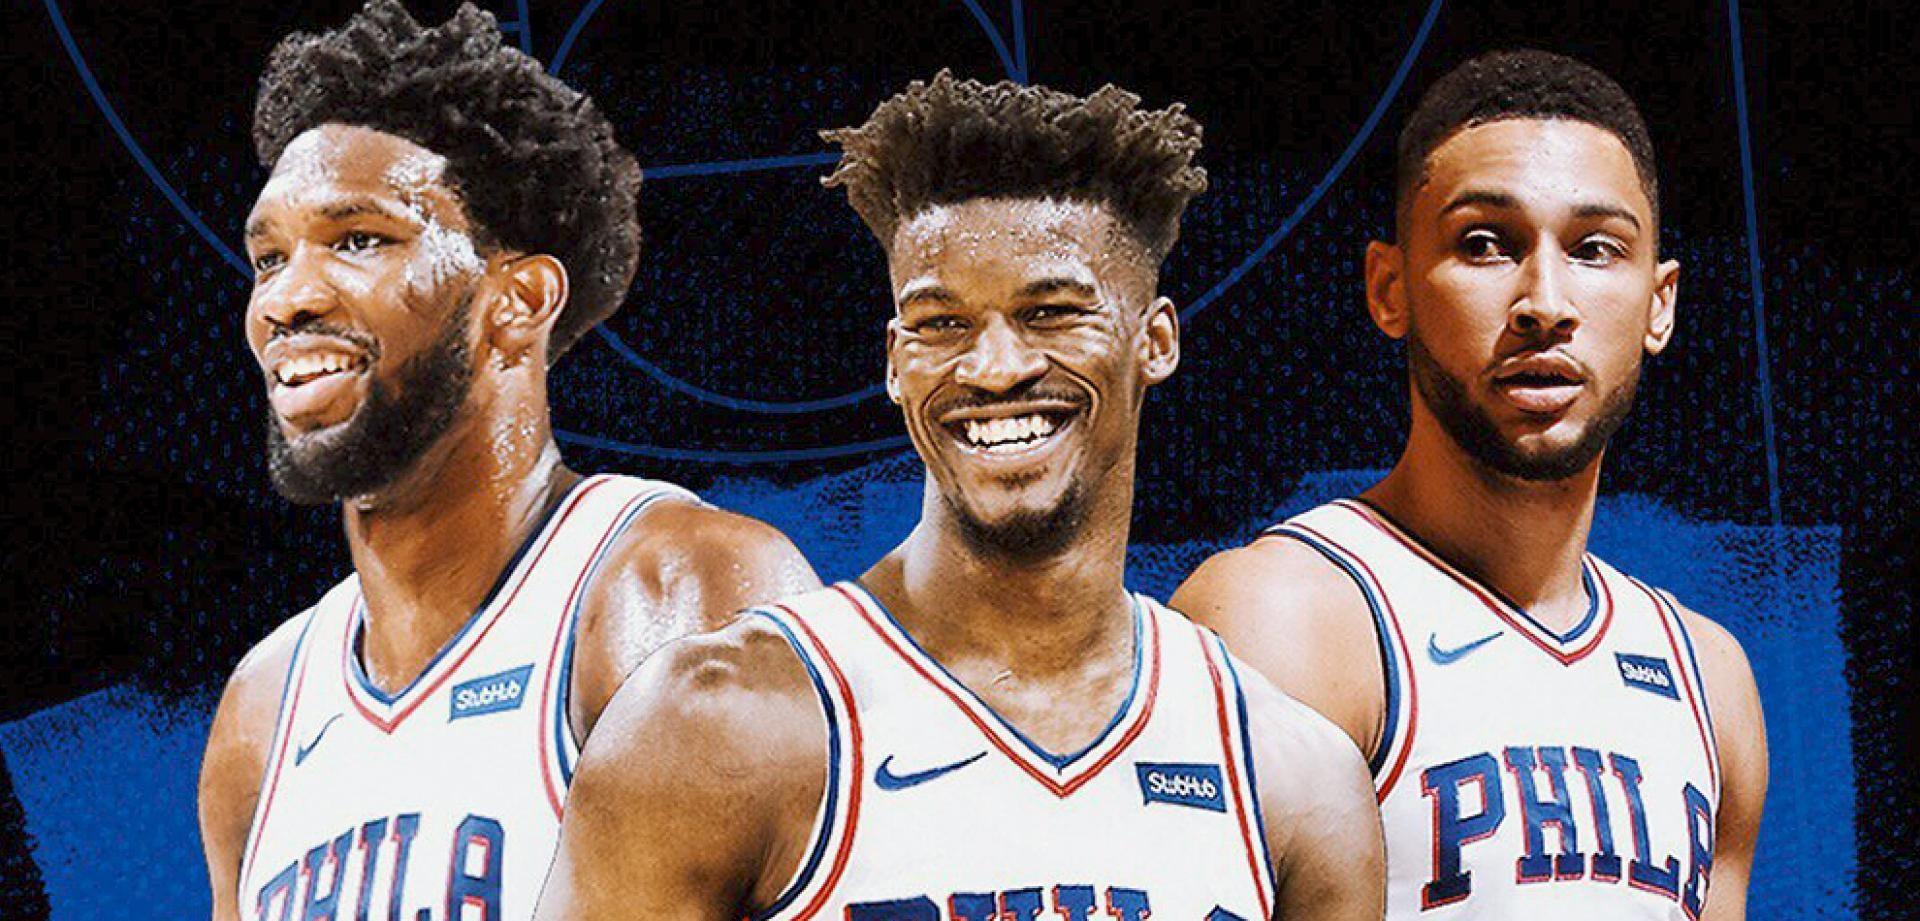 À peine arrivé à Philadelphie, Jimmy Butler veut déjà remporter une bague de champion avec les 76ers